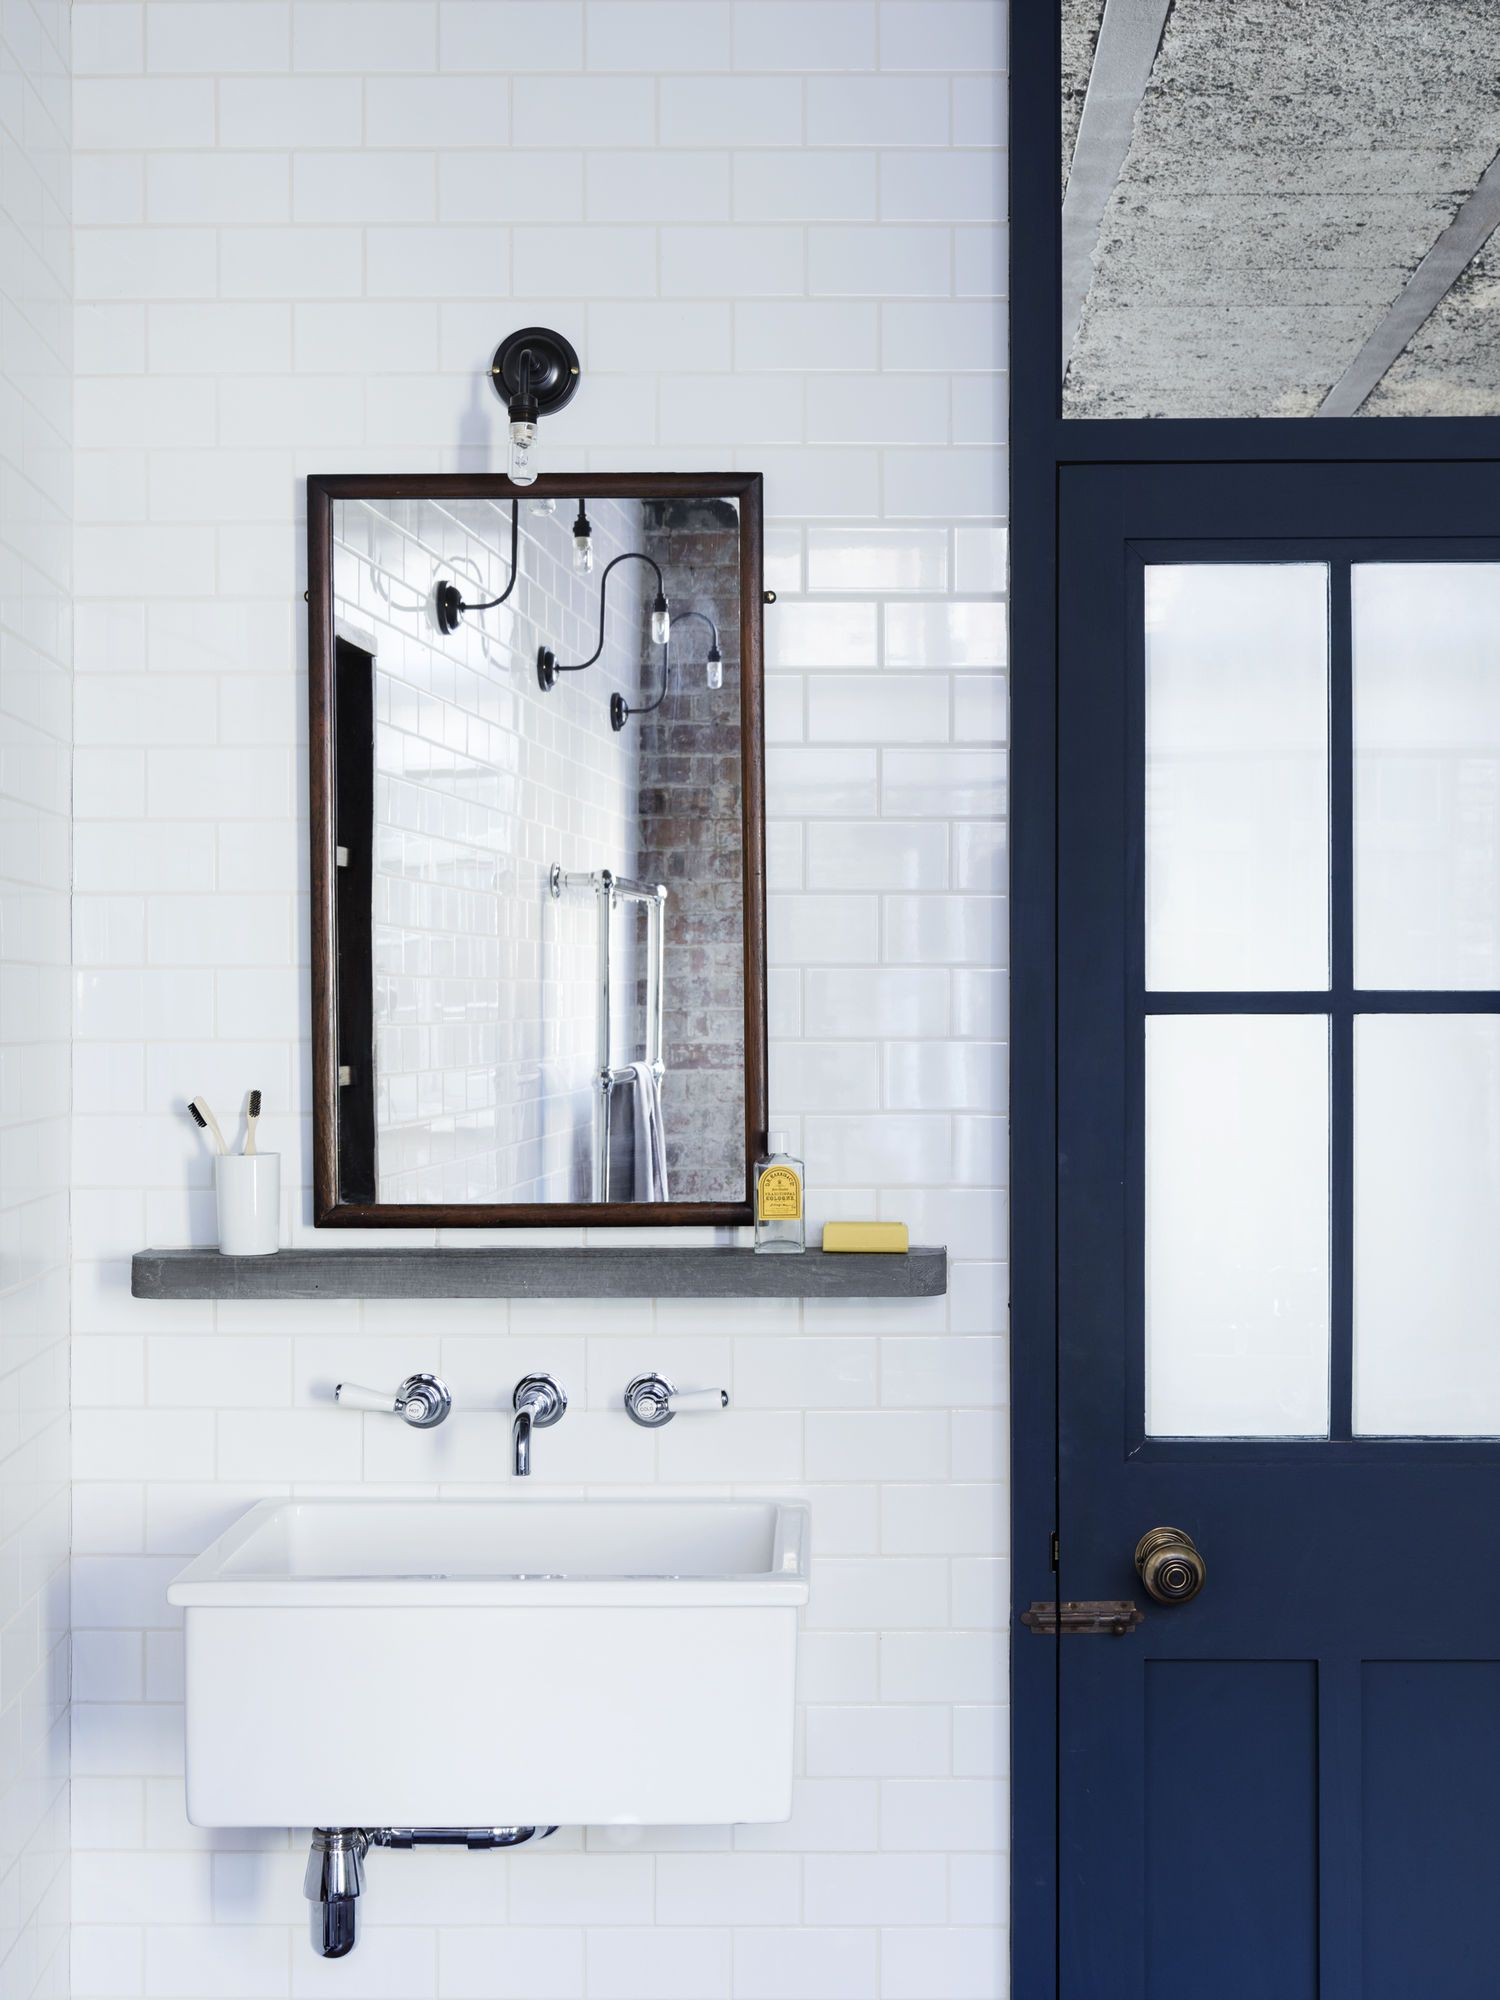 Pin de Winter Water Factory en Home | Pinterest | Baños ...